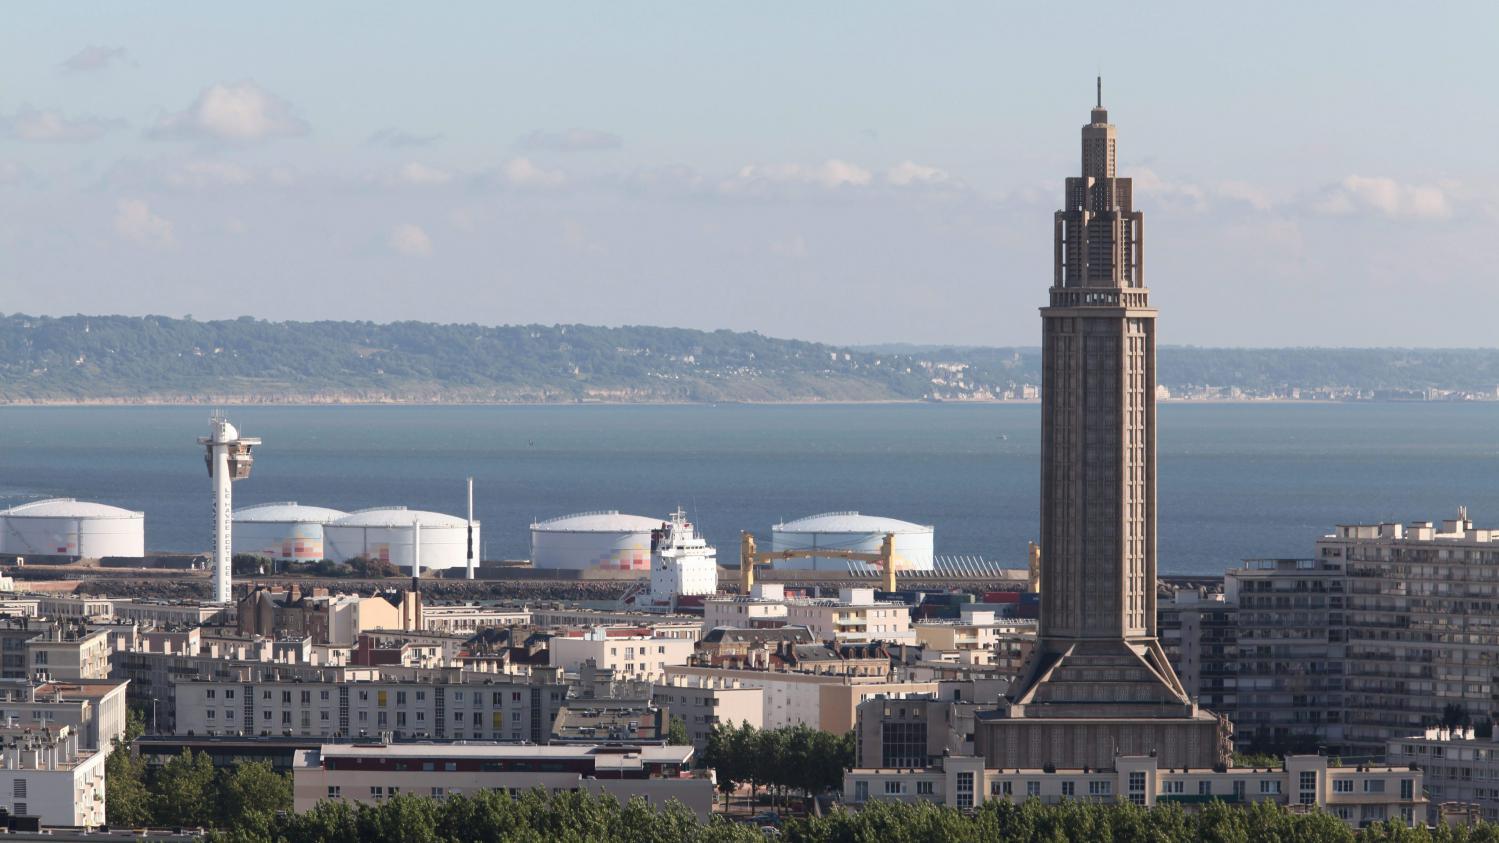 Logement Social Au Havre Le Terrain Mis En Vente Par L 39 Etat Avait D J Trouv Preneur